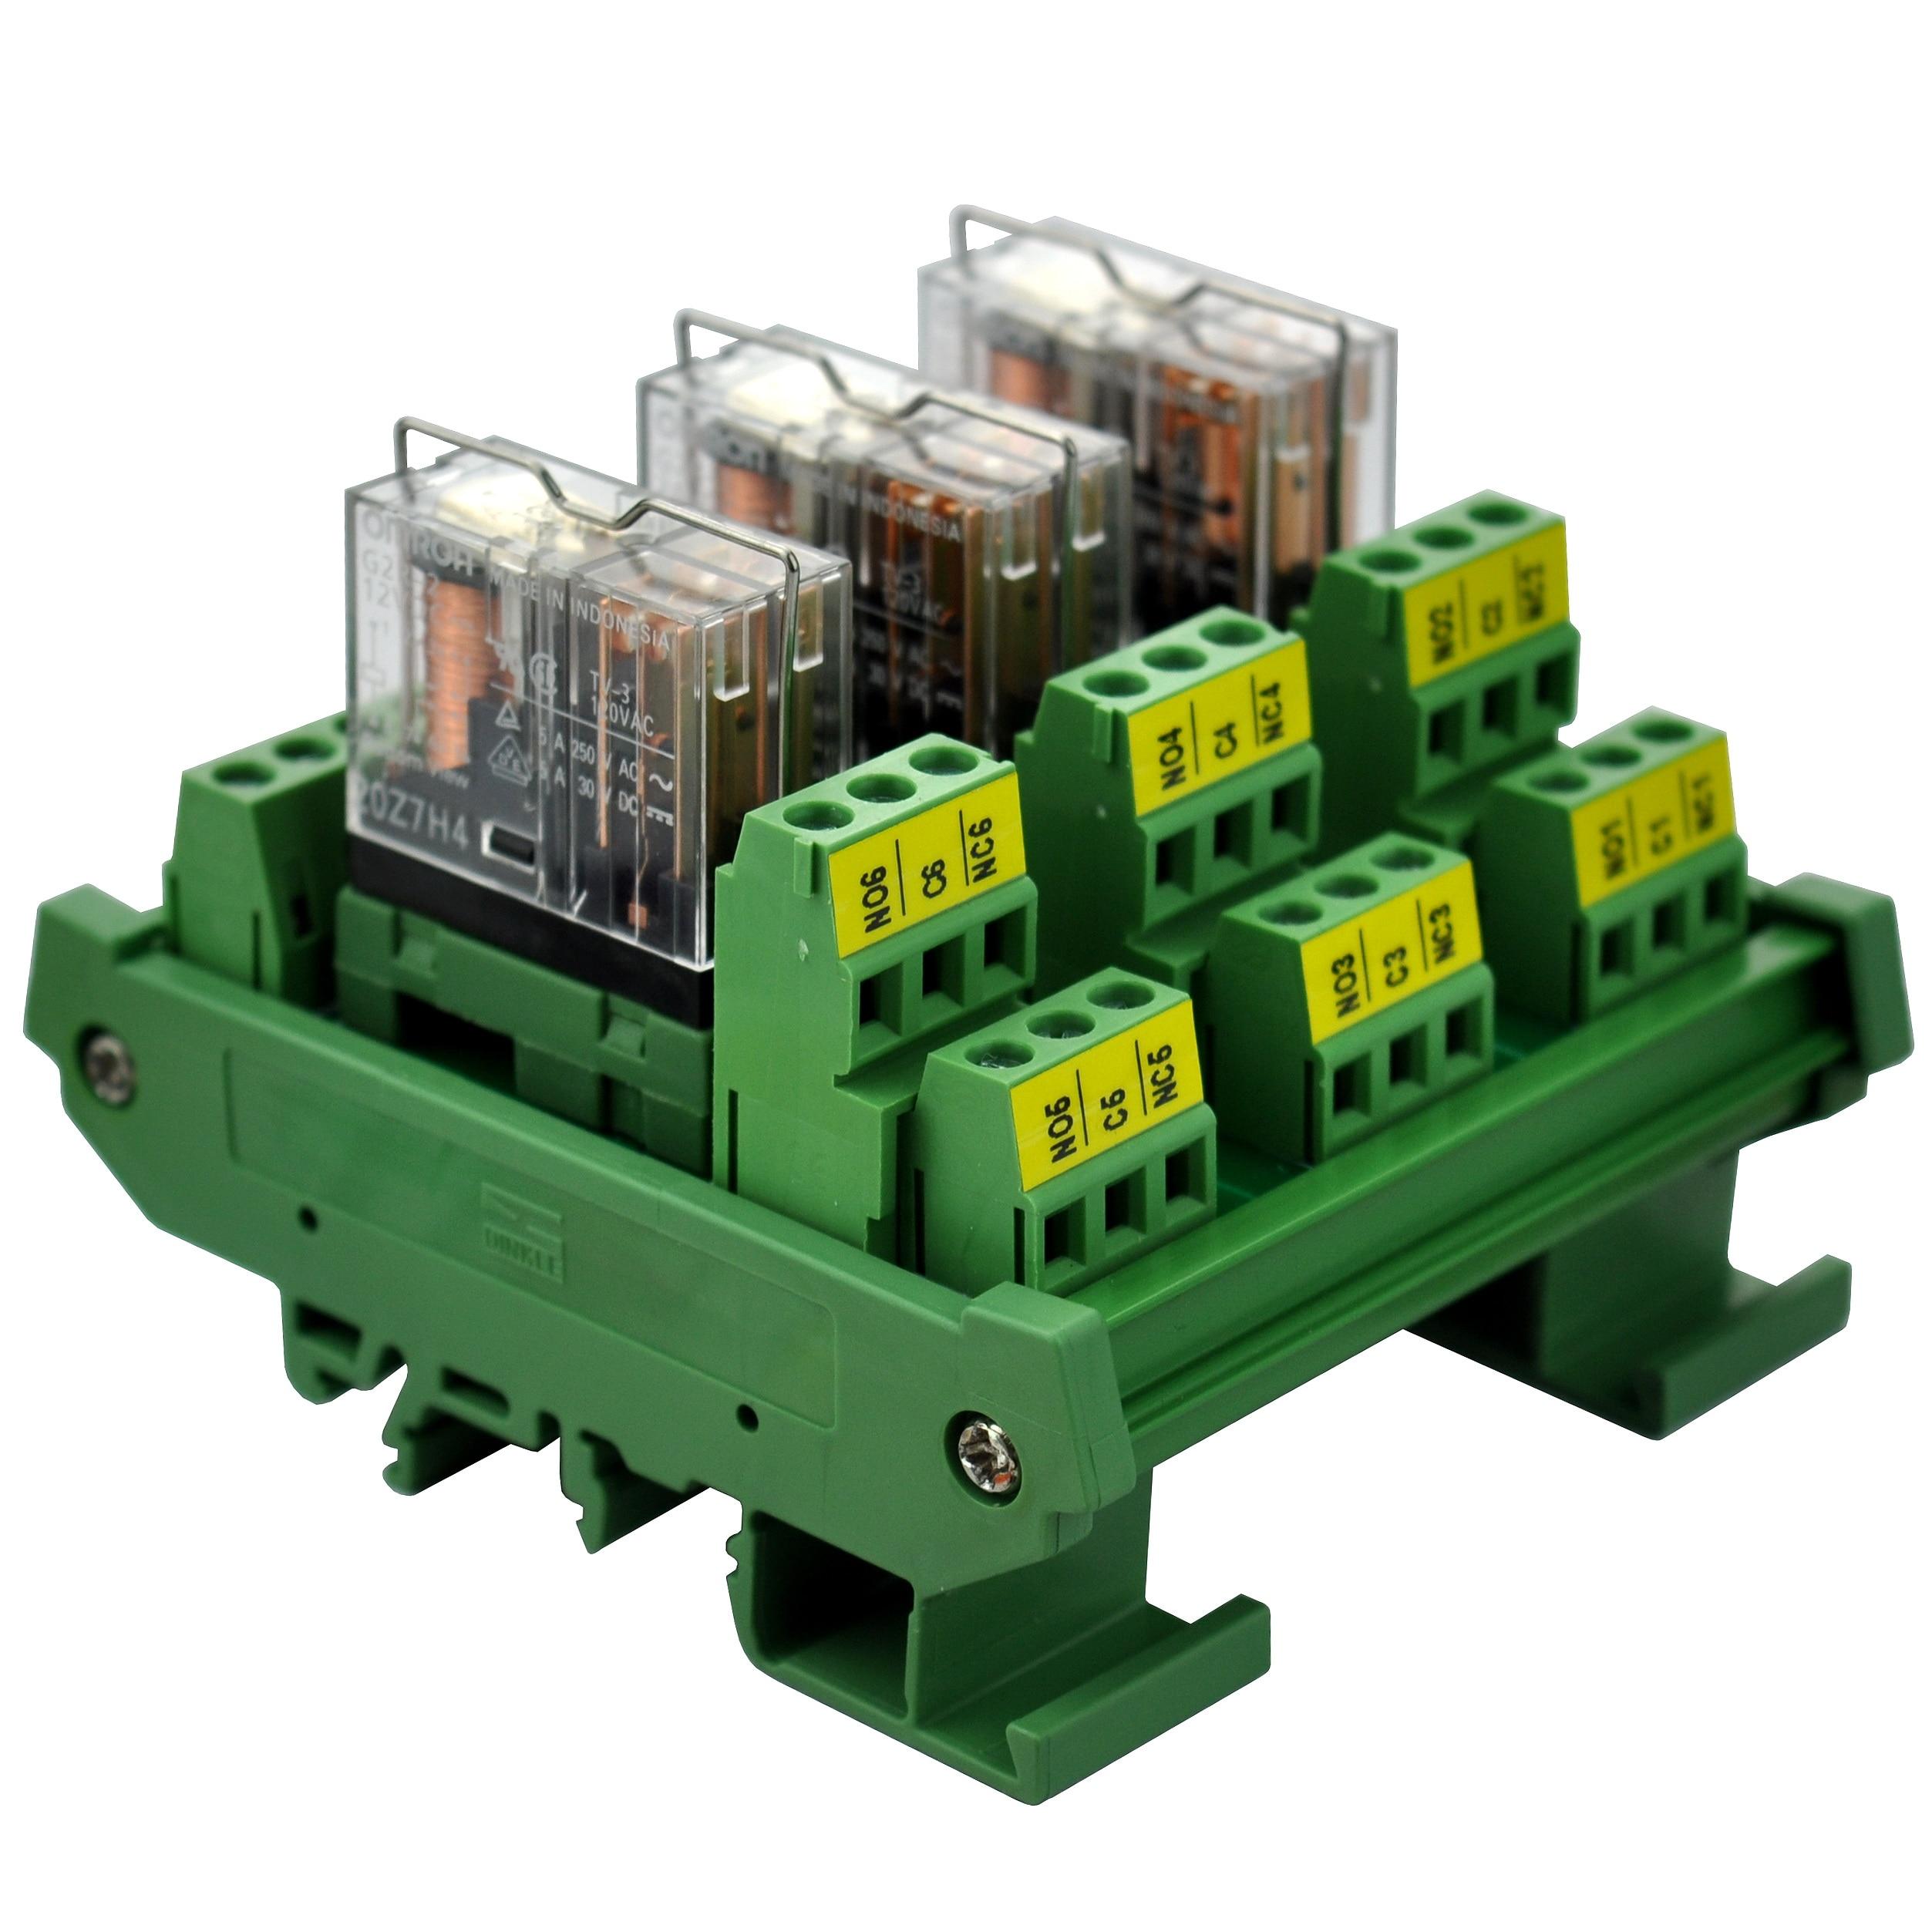 Электроника-салон DIN рейку крепление AC/DC 12V управления 3 DPDT 5Amp Подключаемый модуль интерфейса реле питания